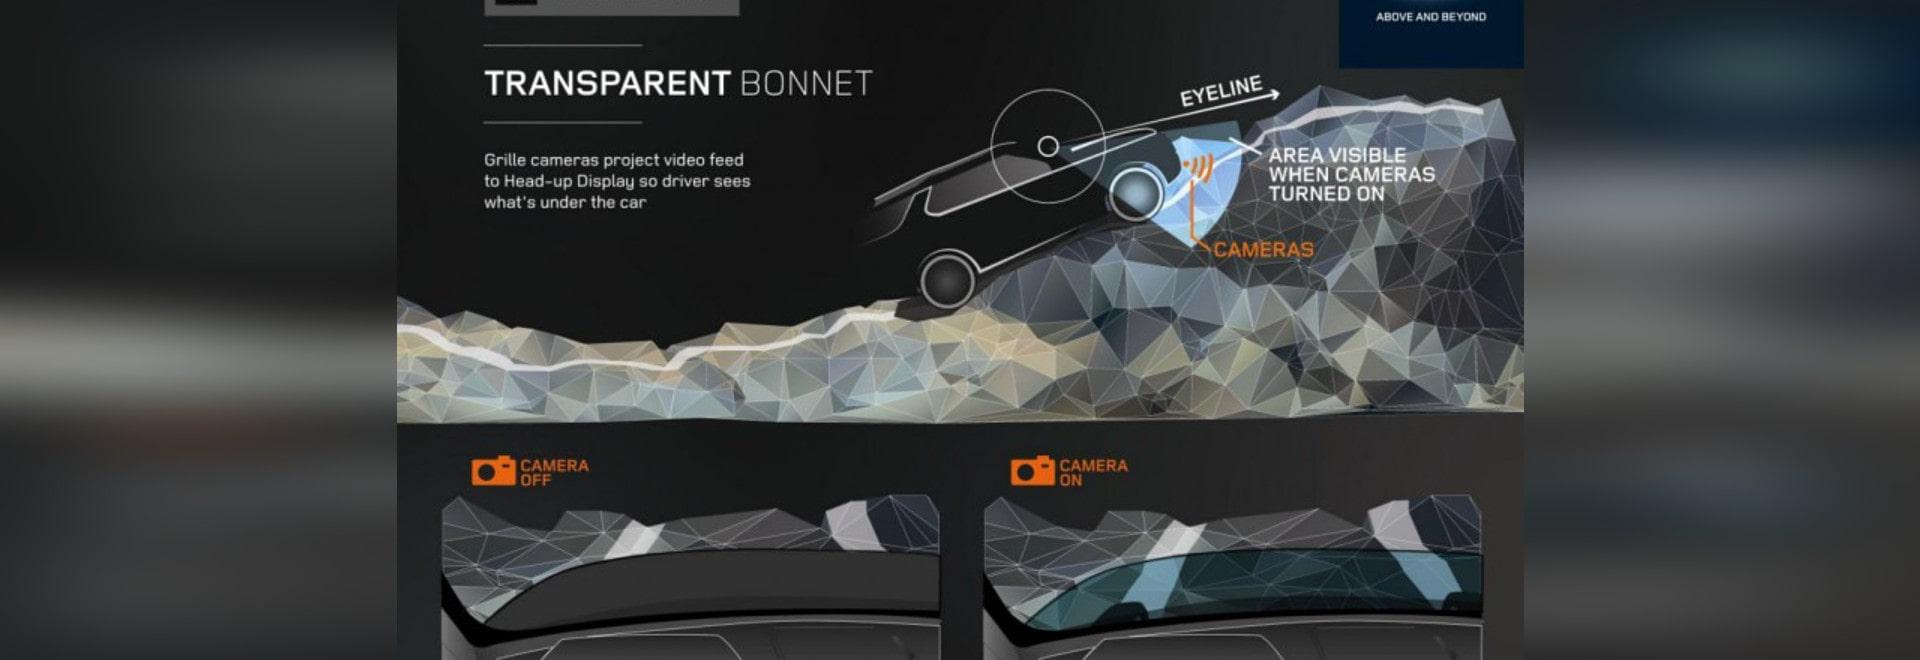 LAND ROVER'S NEW TRANSPARENT BONNET